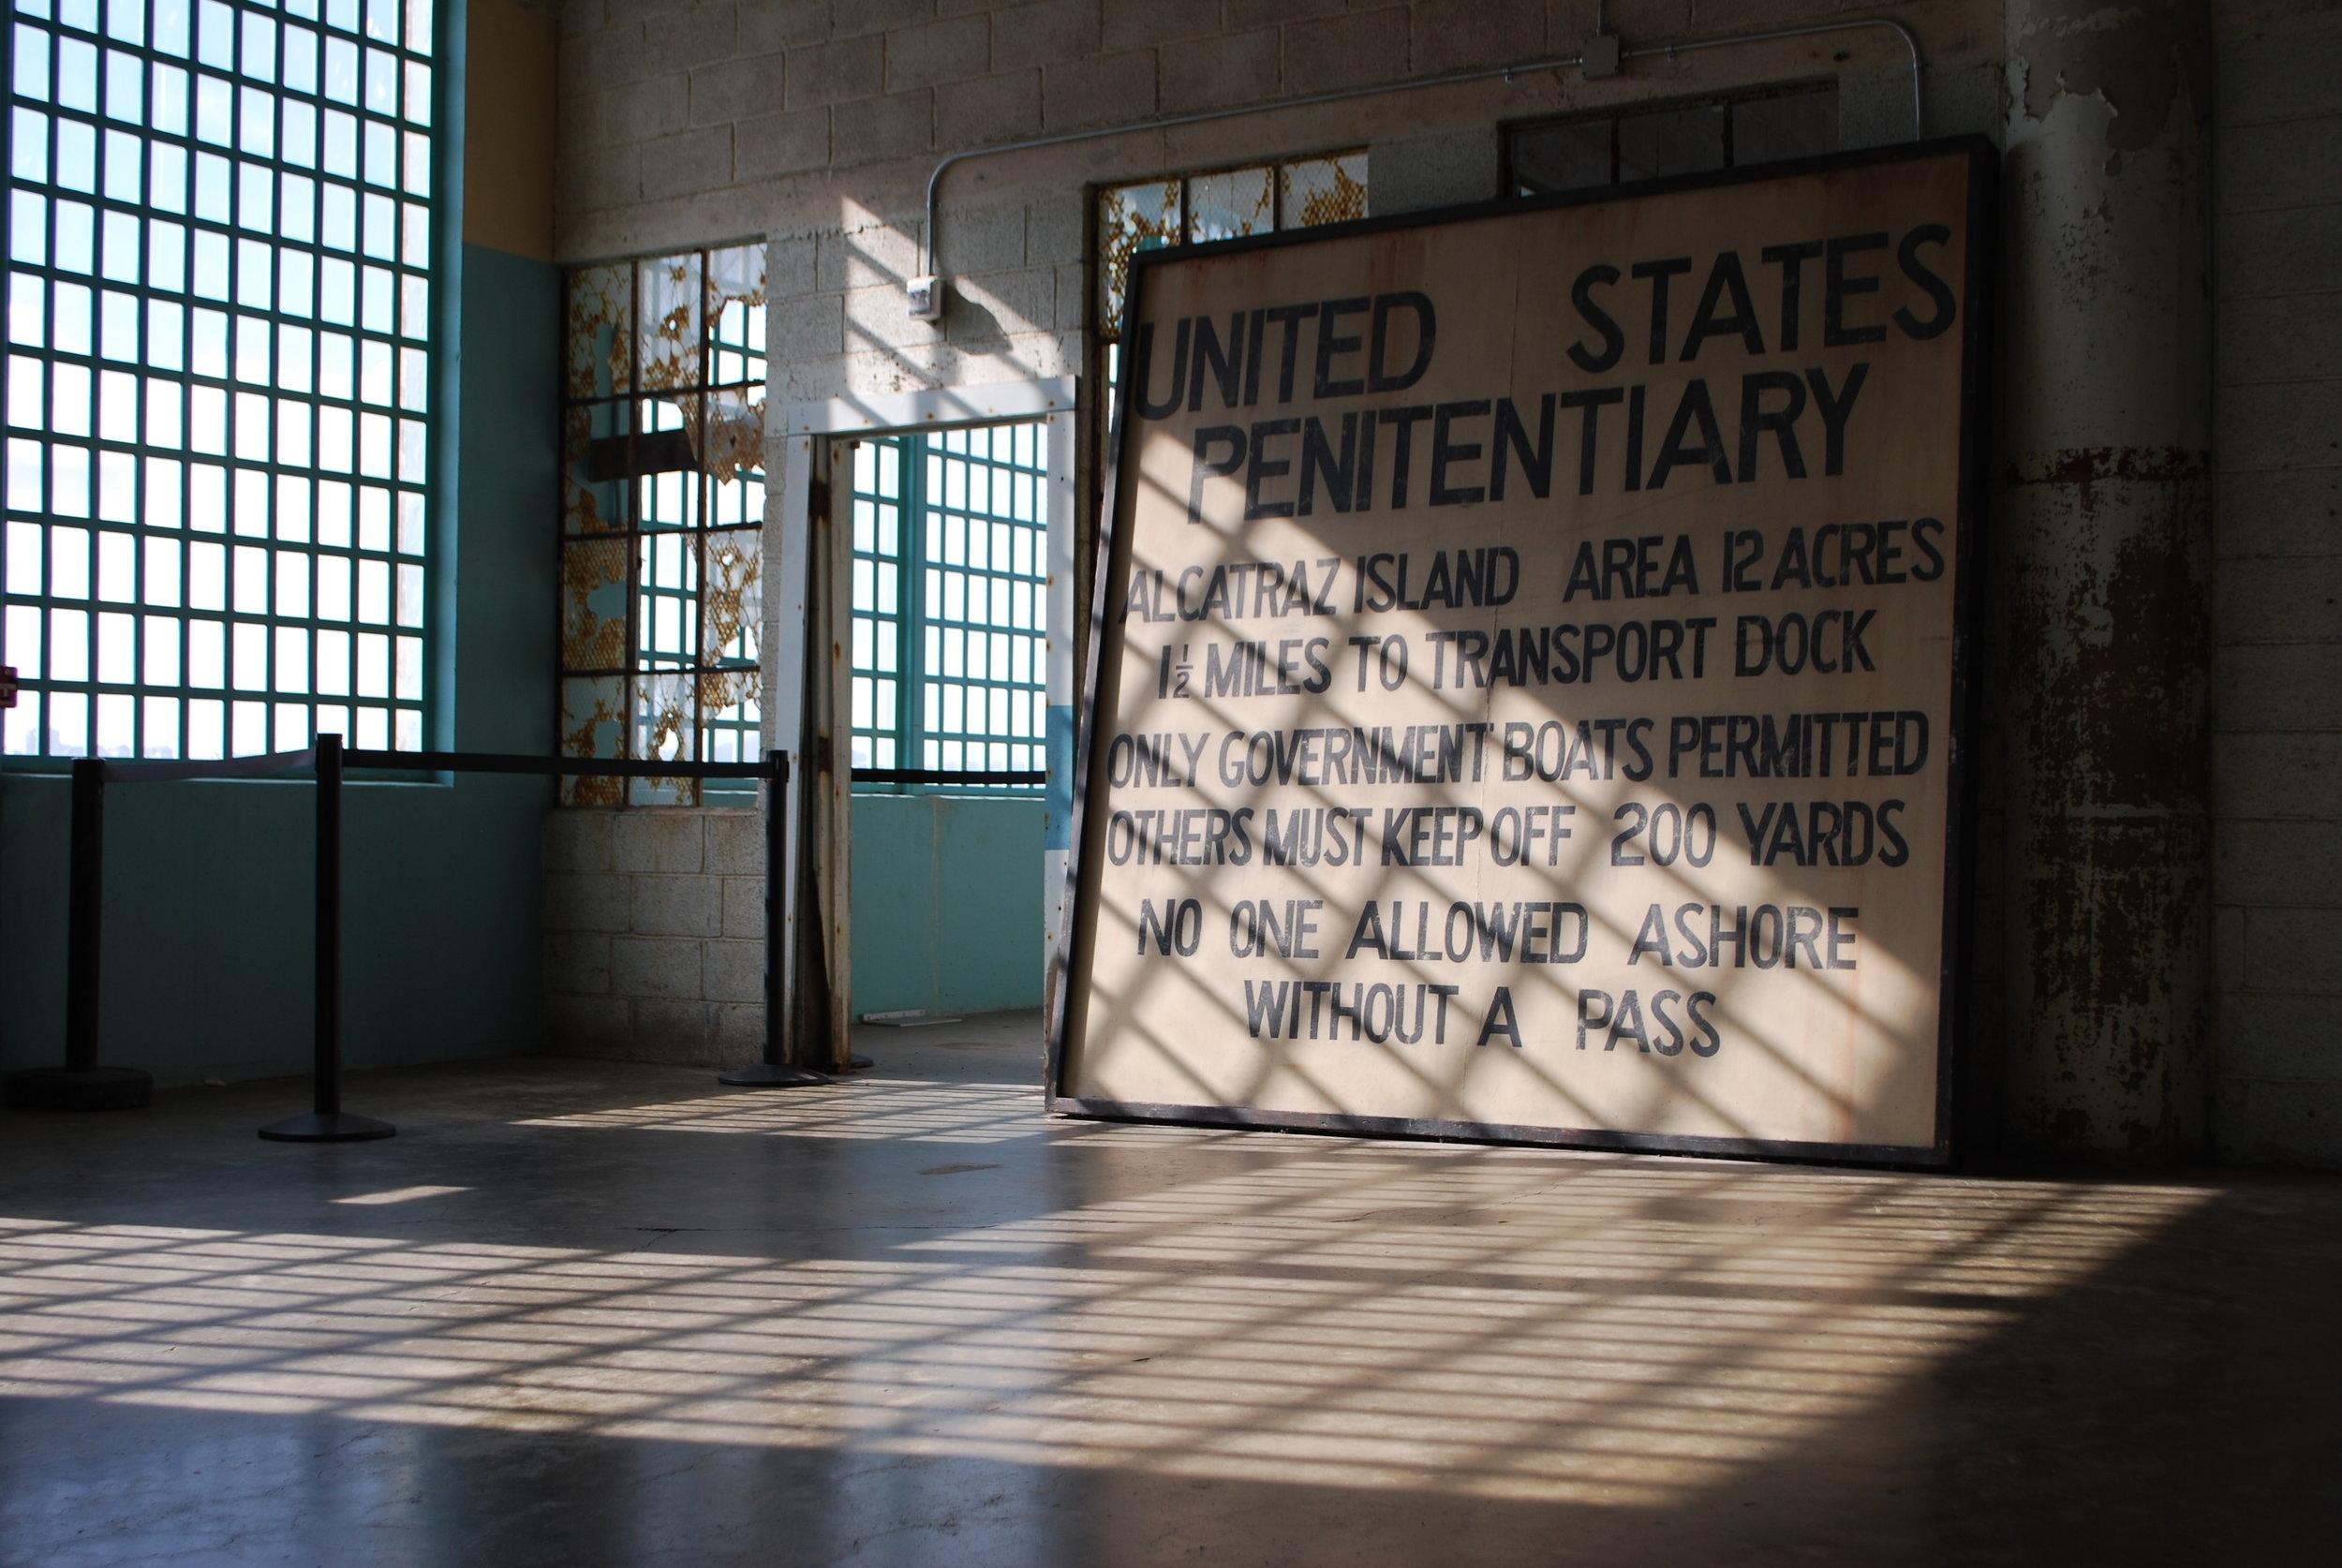 Alcatraz Island, SF, California